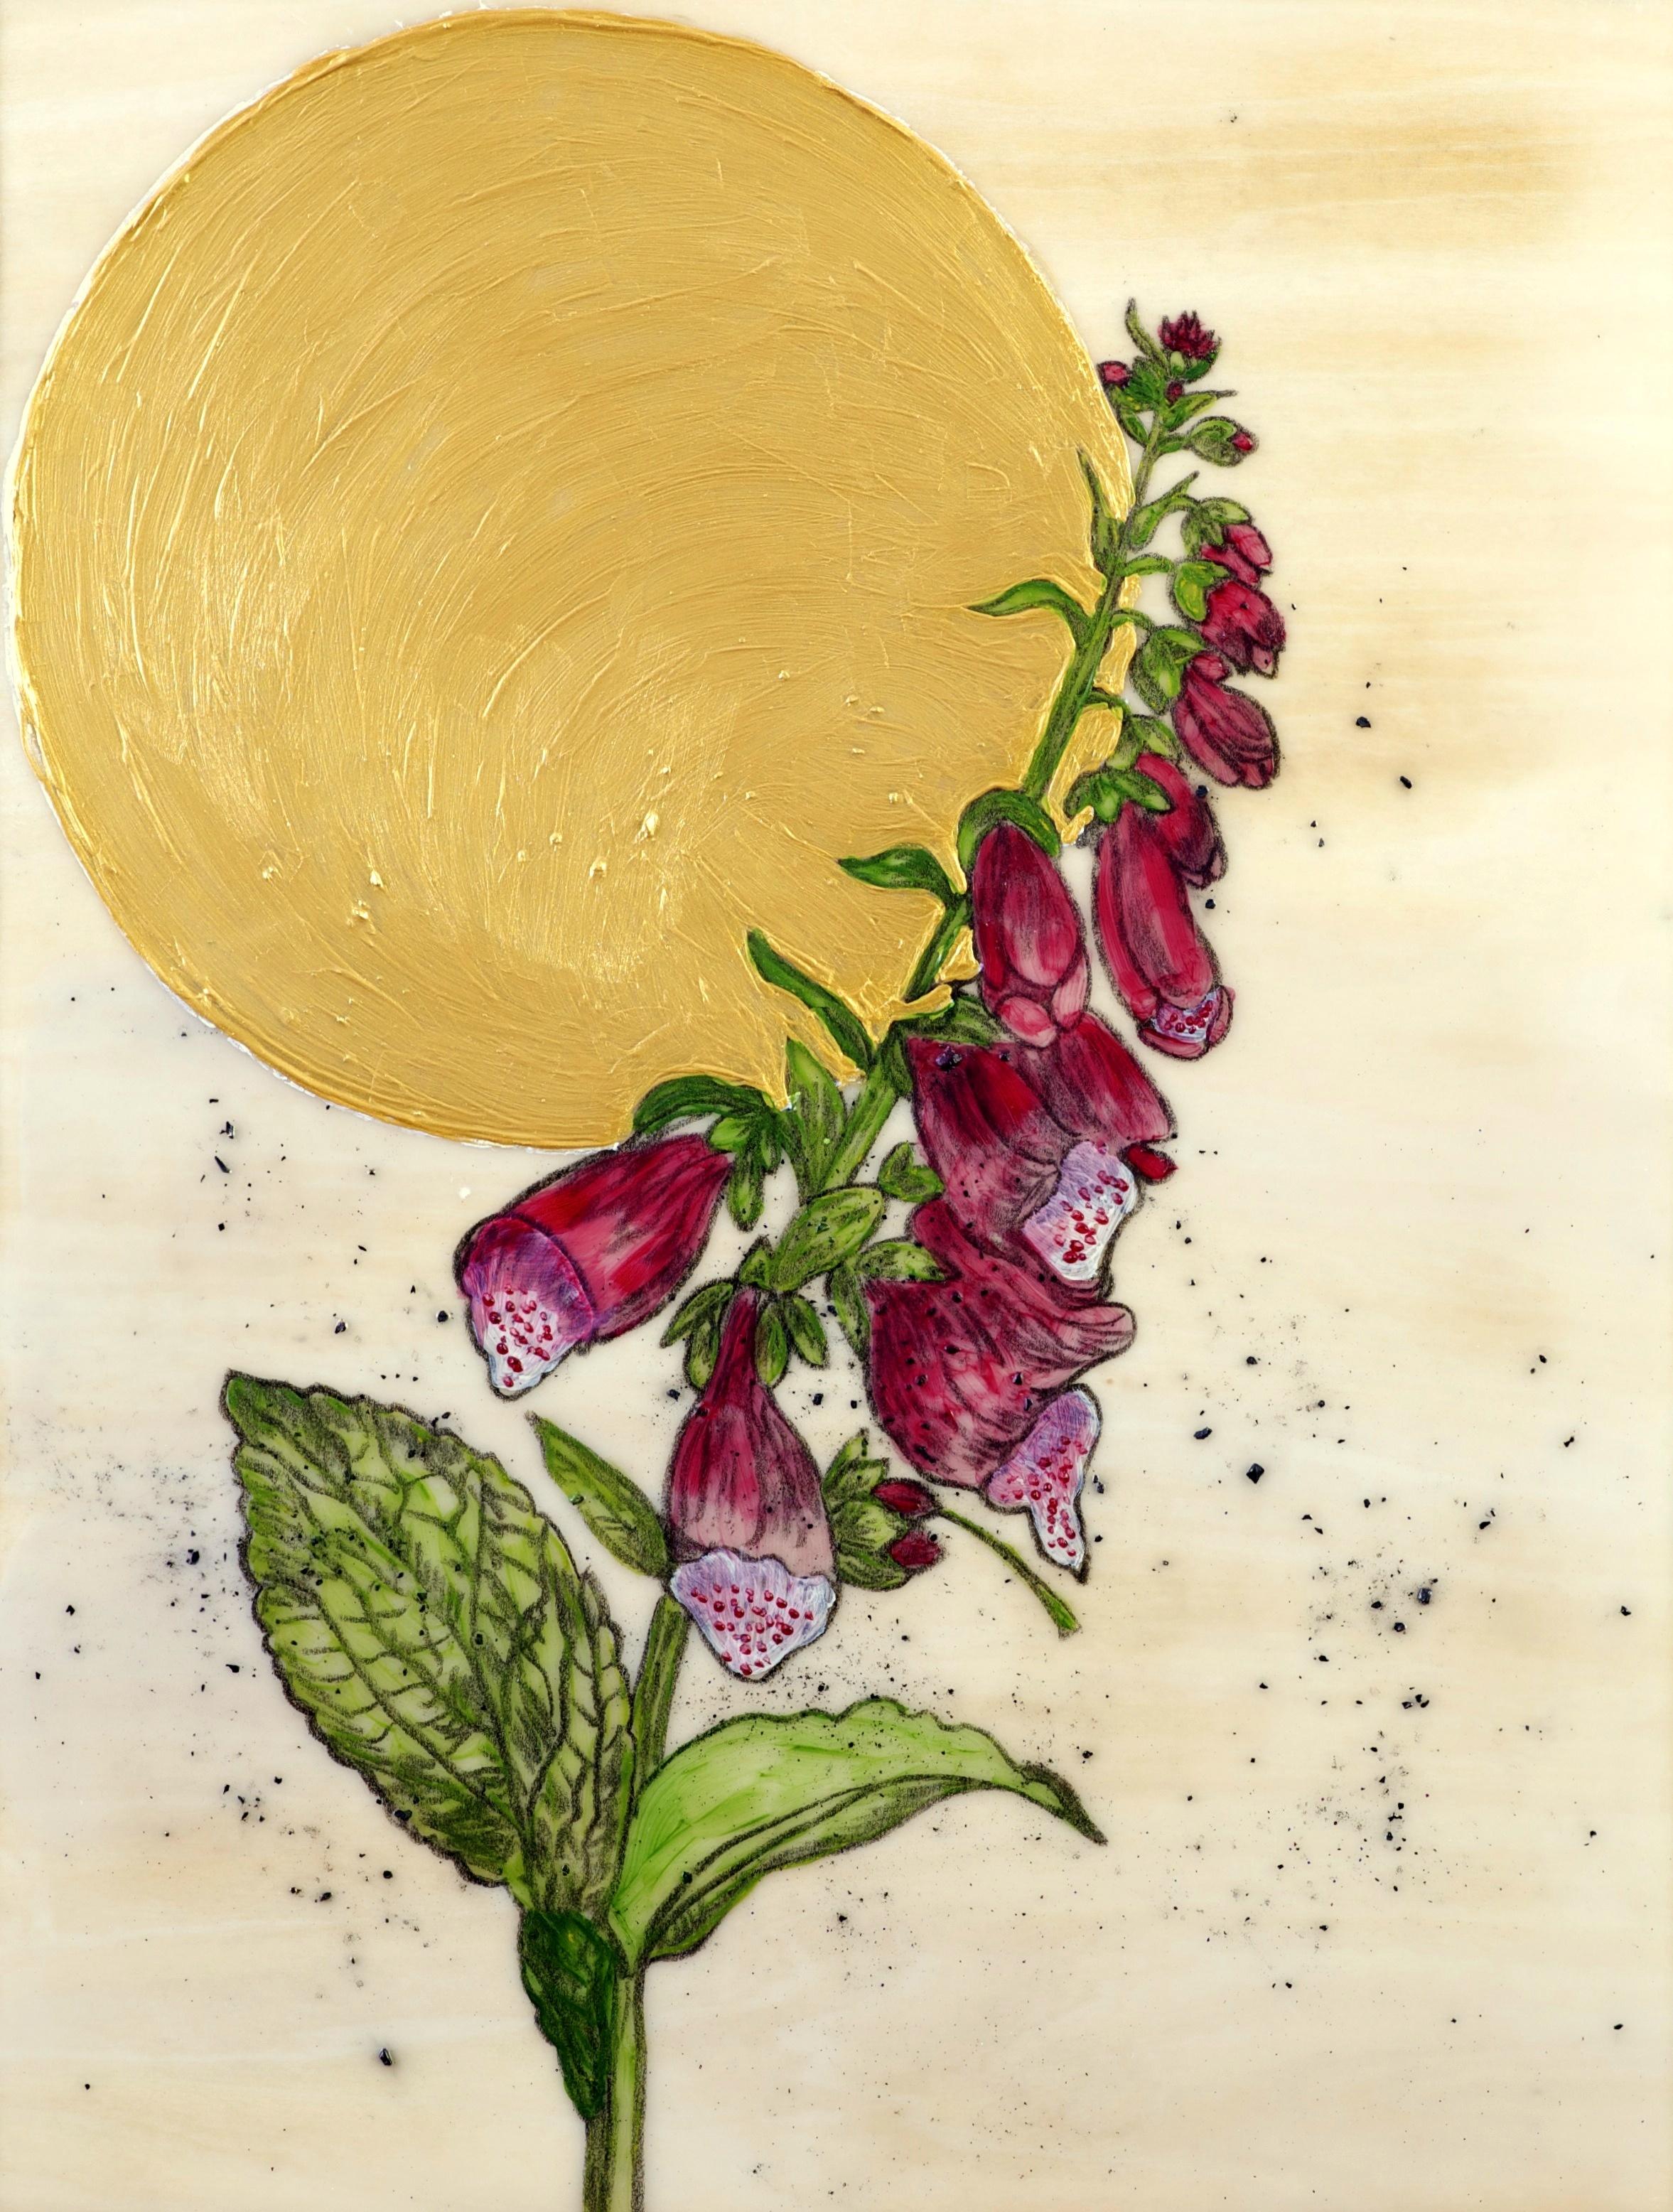 Foxglove by Salyna Gracie